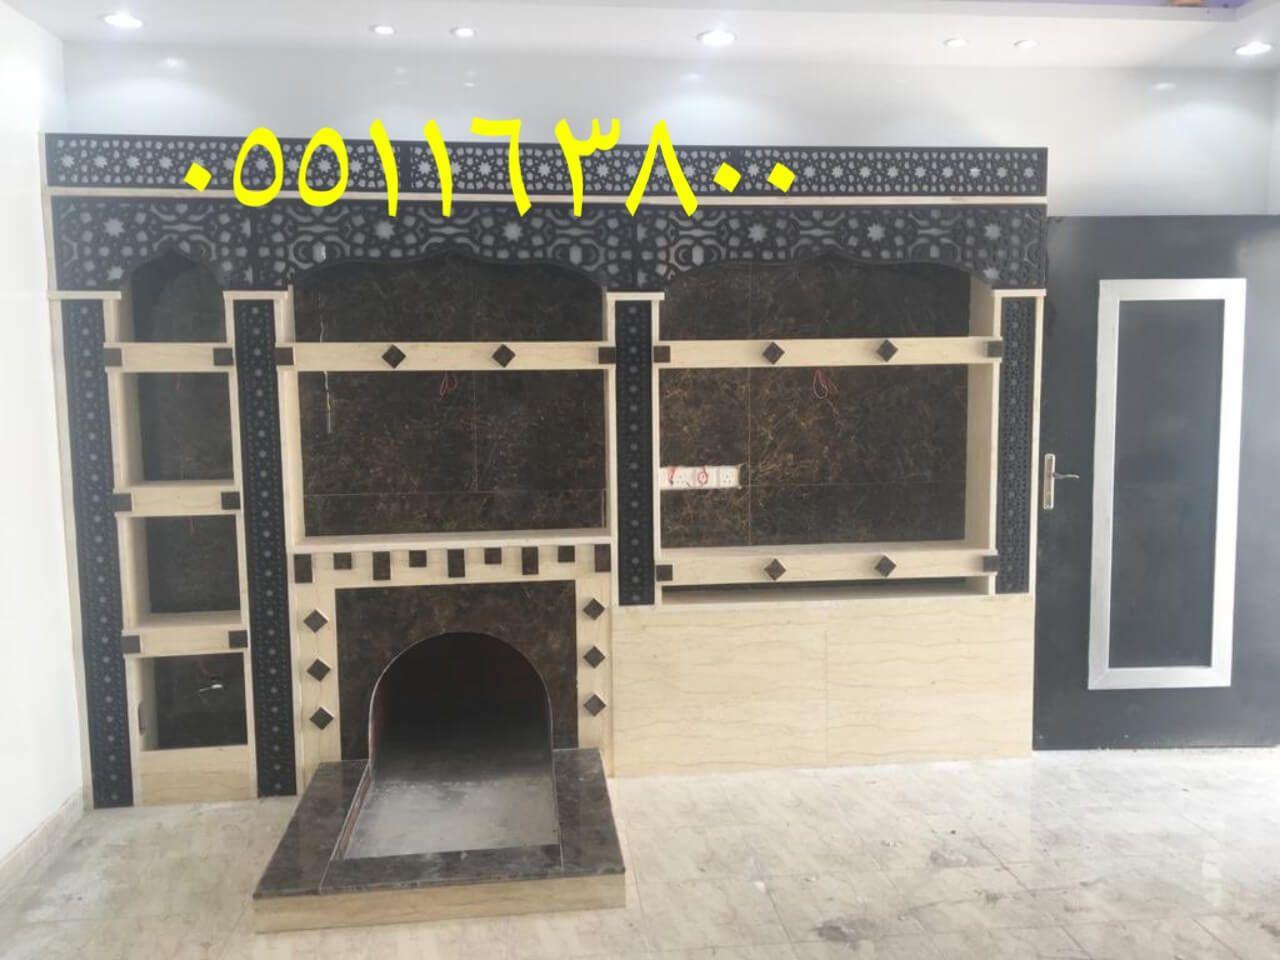 مشبات ديكورات مشبات مشبات رخام مشبات حجر صور مشبات Home Decor Decor Fireplace